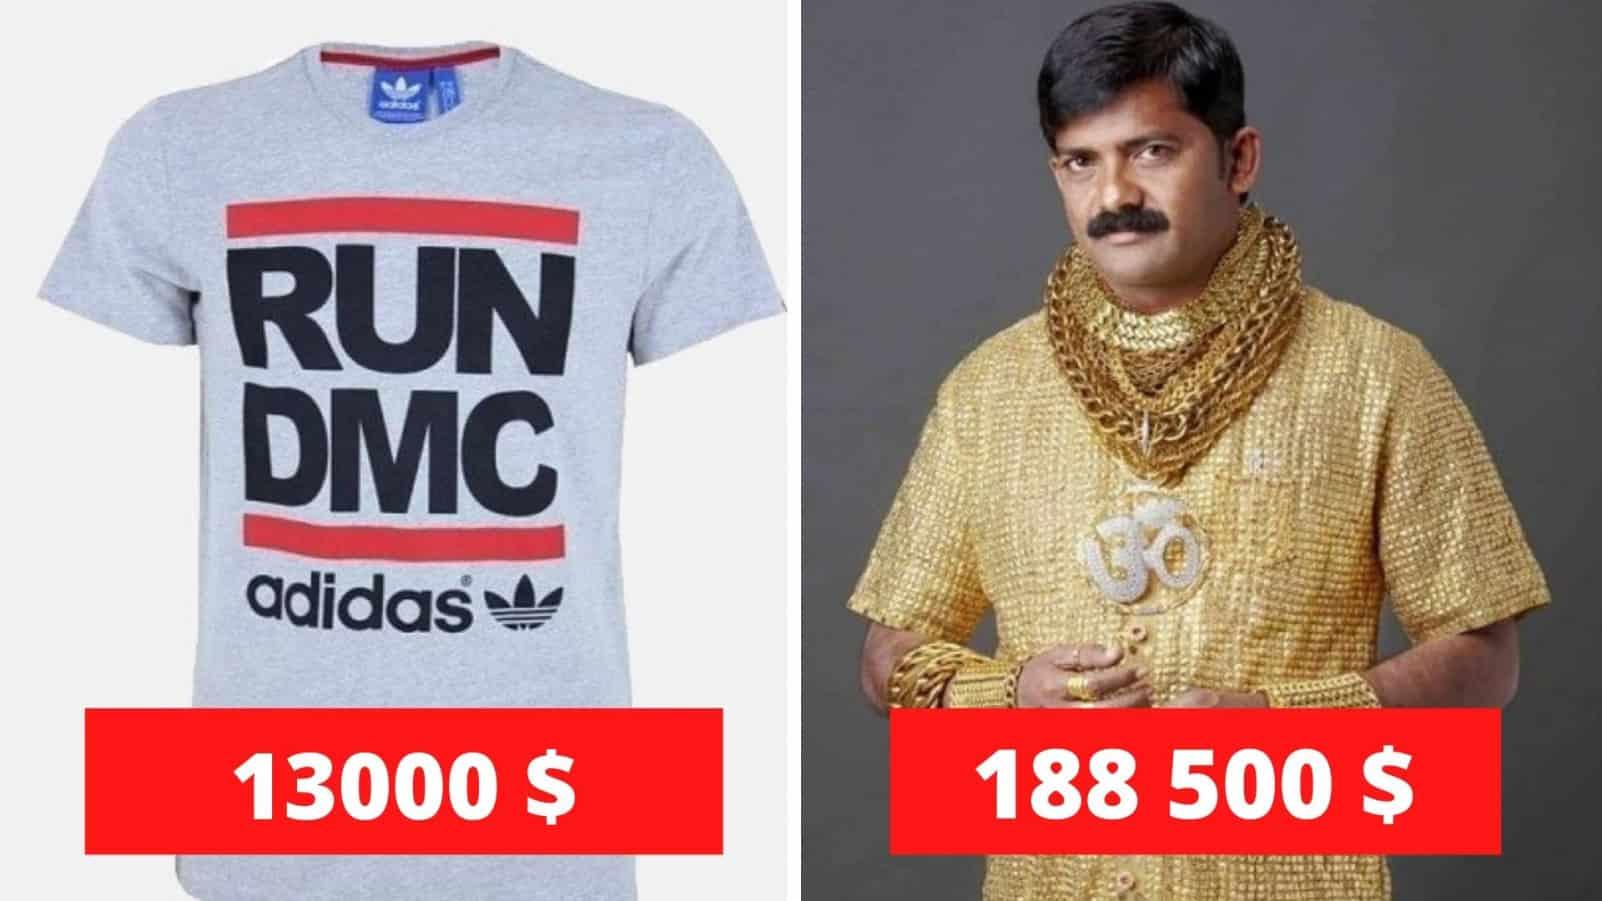 Топ 10 самых дорогих женских и мужских футболок